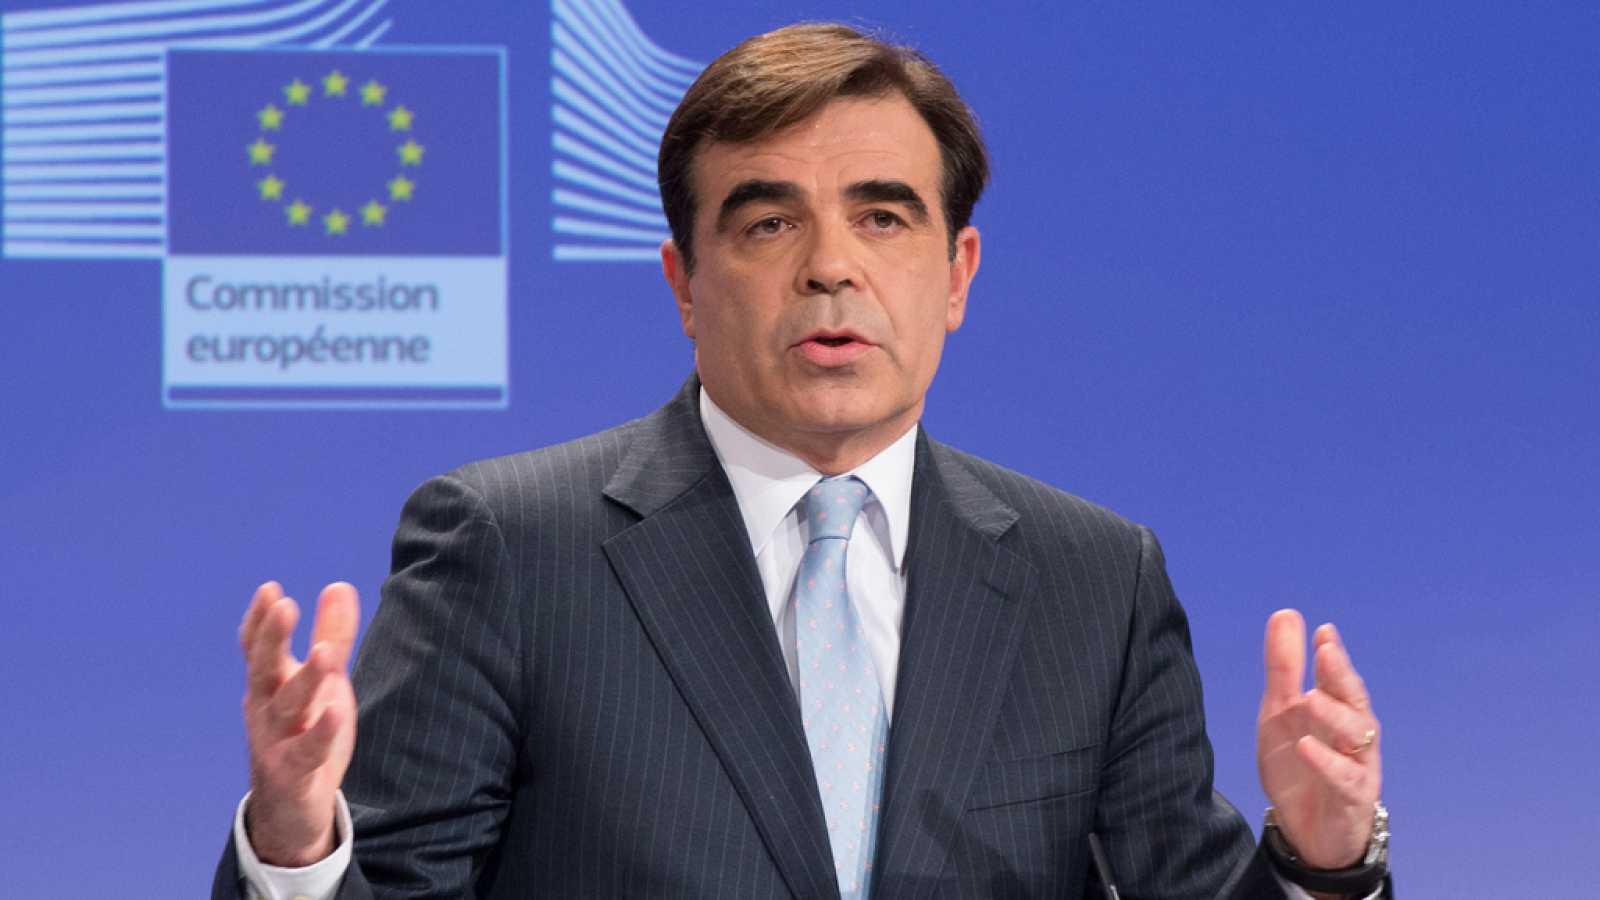 """Bruselas también apoya las devoluciones en caliente. Margaritis Schinas avala el fallo de Estrasburgo sobre las devoluciones en caliente: """"Reconoce que quien entra por la ventana debe salir"""""""